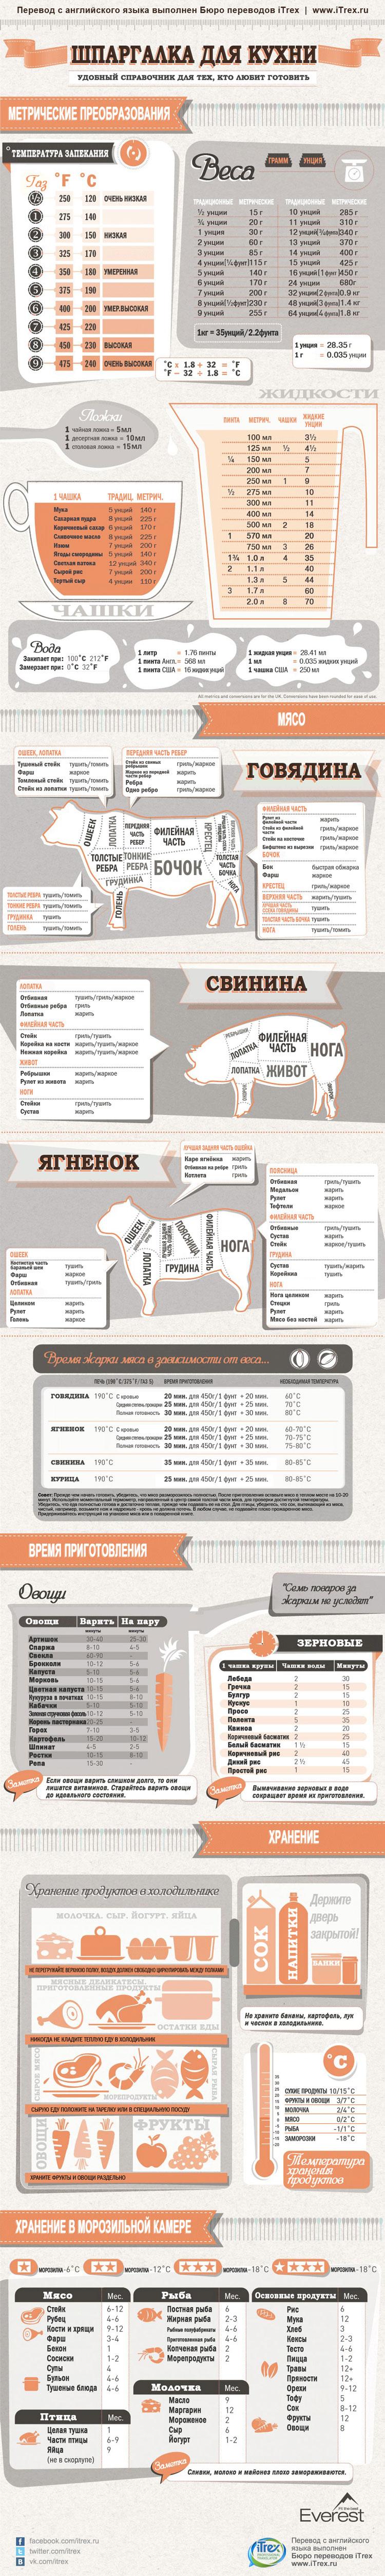 Кулинарная Шпаргалка для кухни. Инфографика